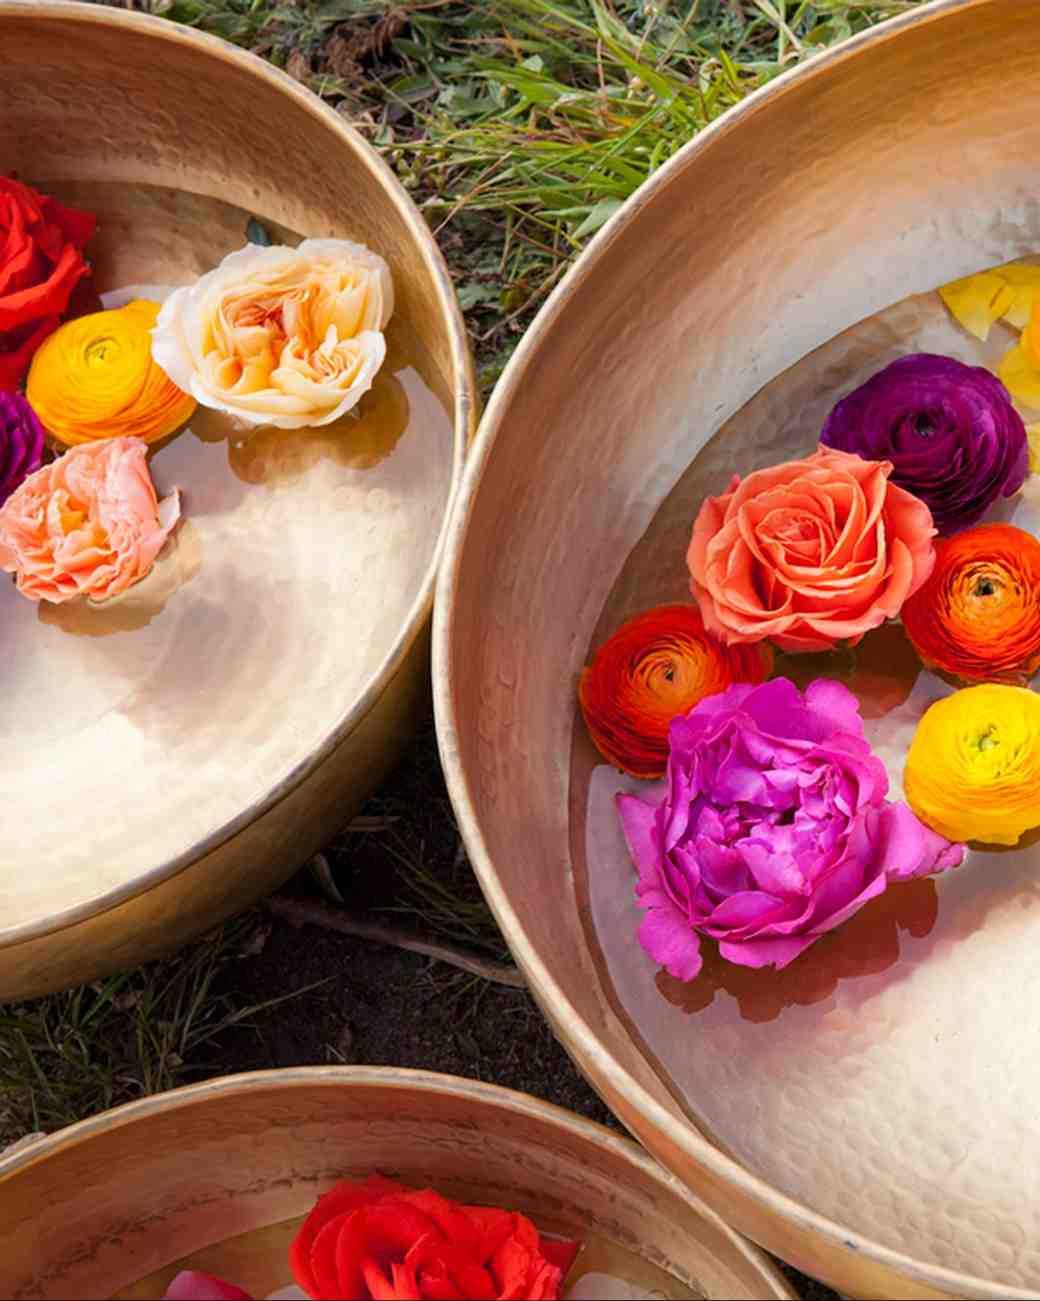 Statement Making Florals